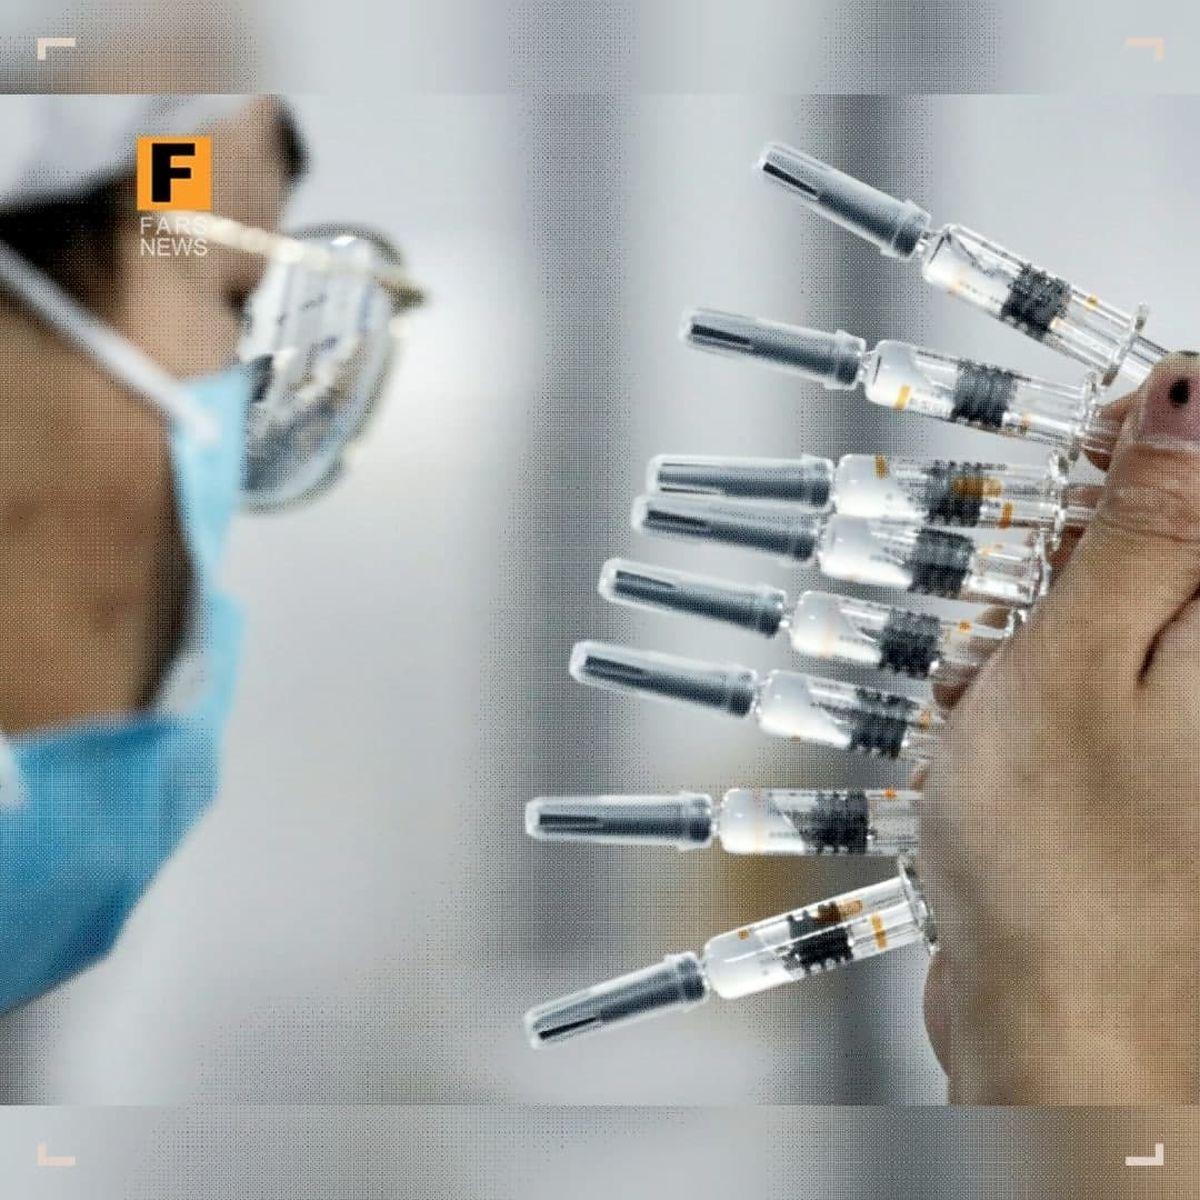 مجوز مصرف واکسن چینی هم صادر شد